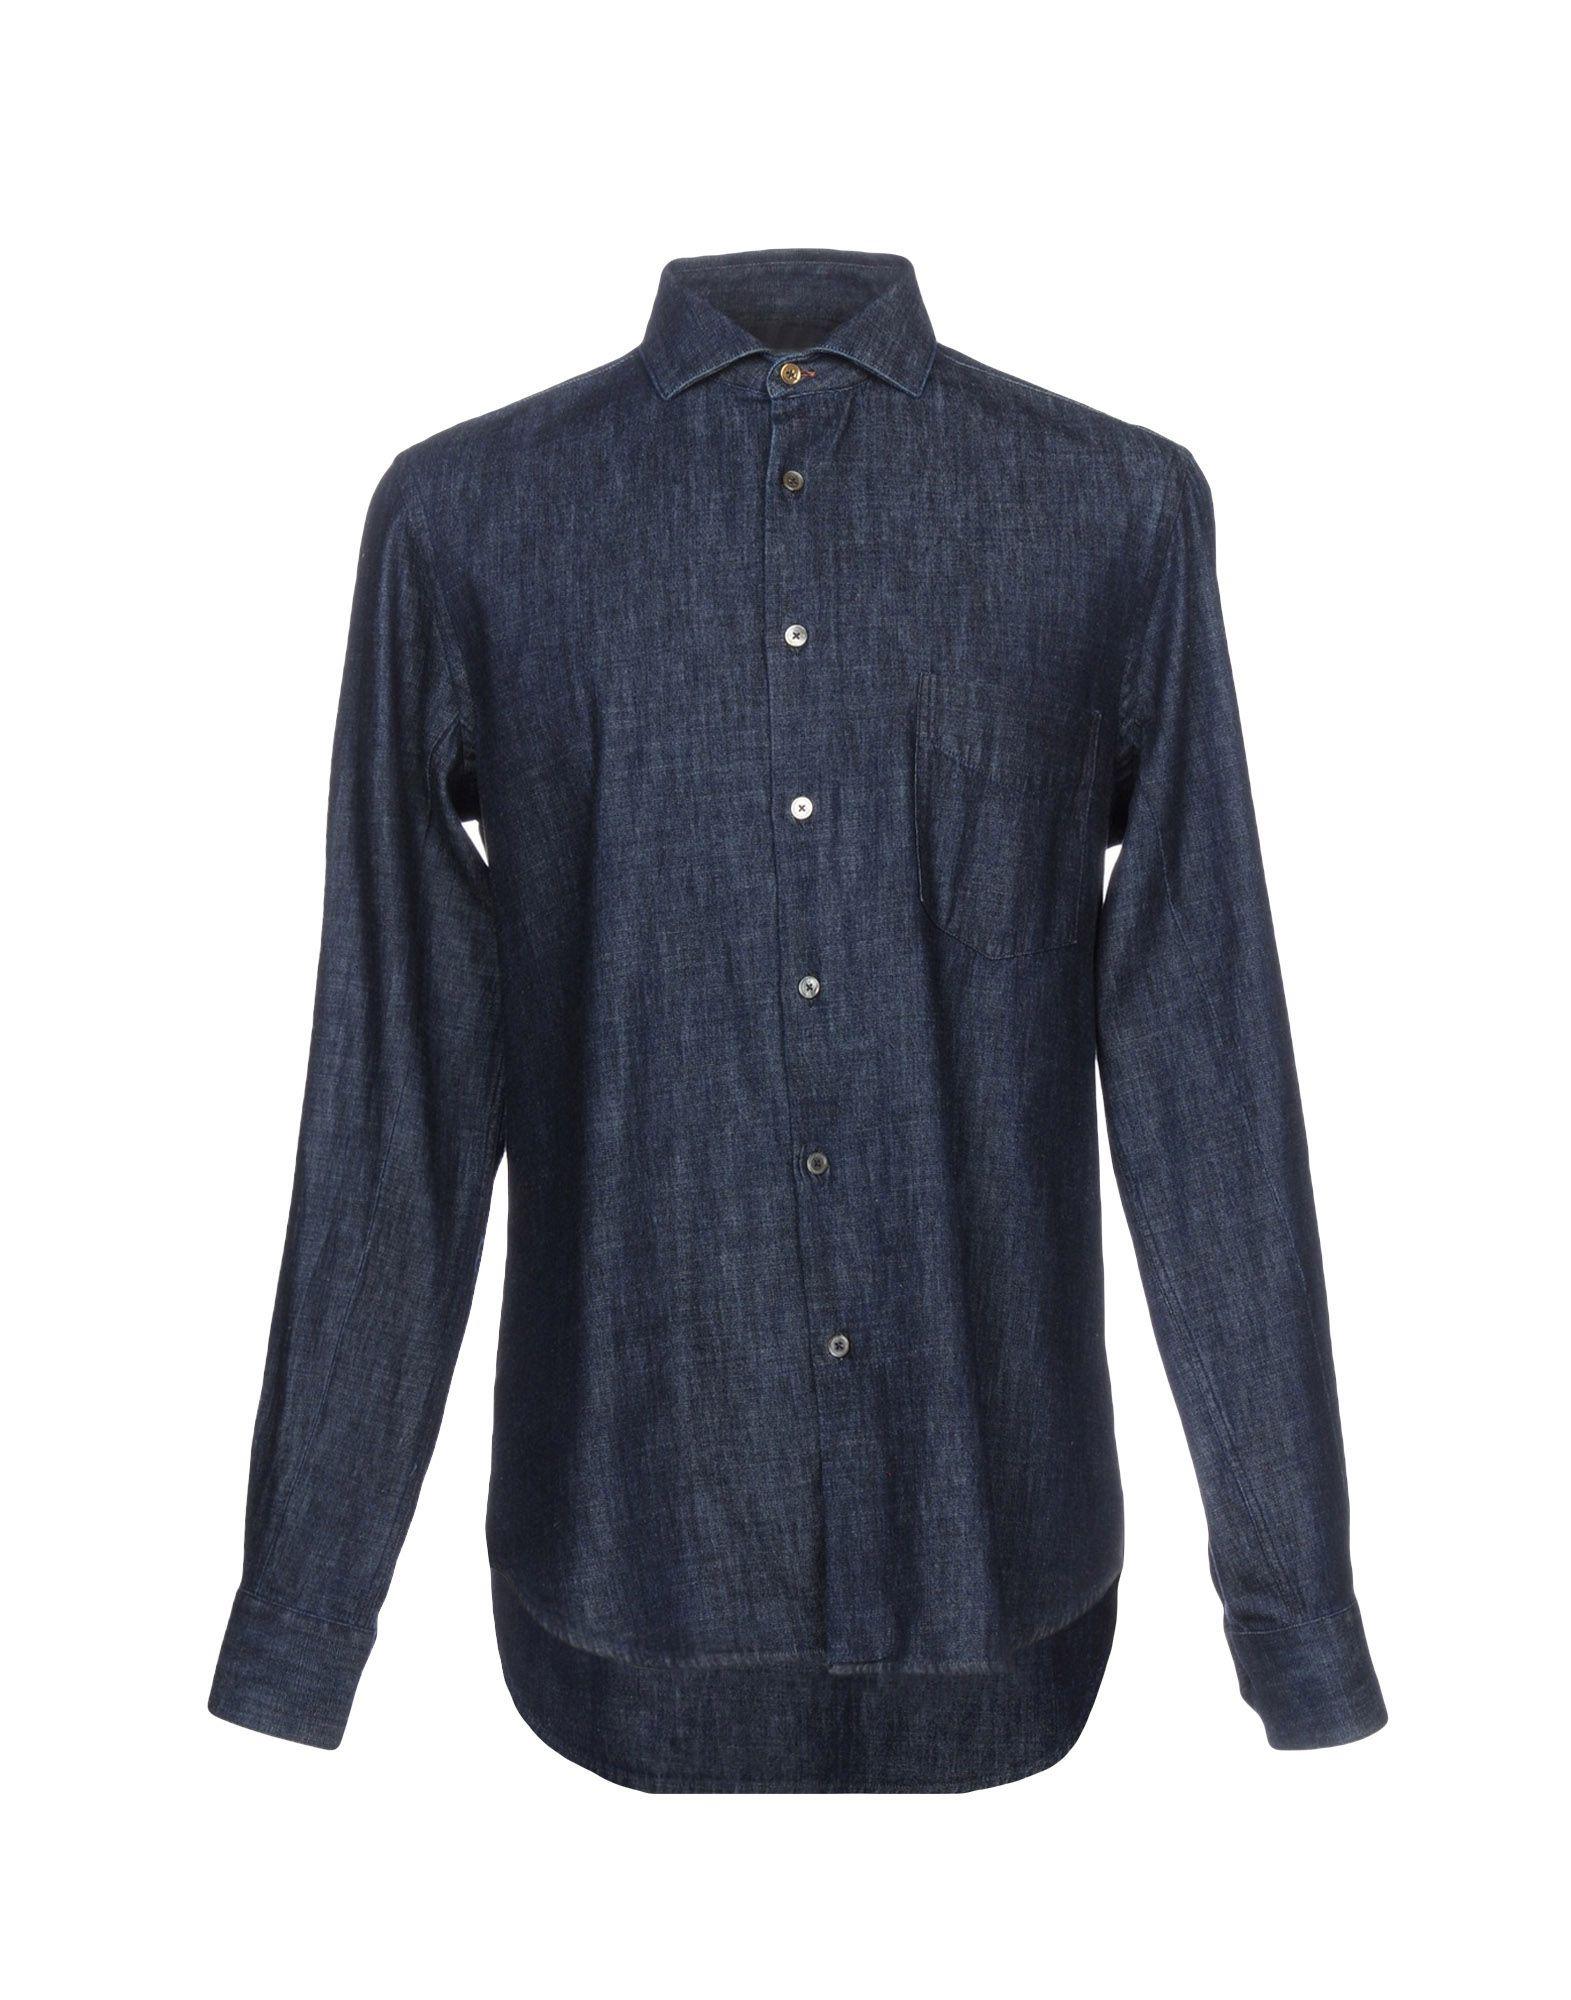 PAUL SMITH Джинсовая рубашка